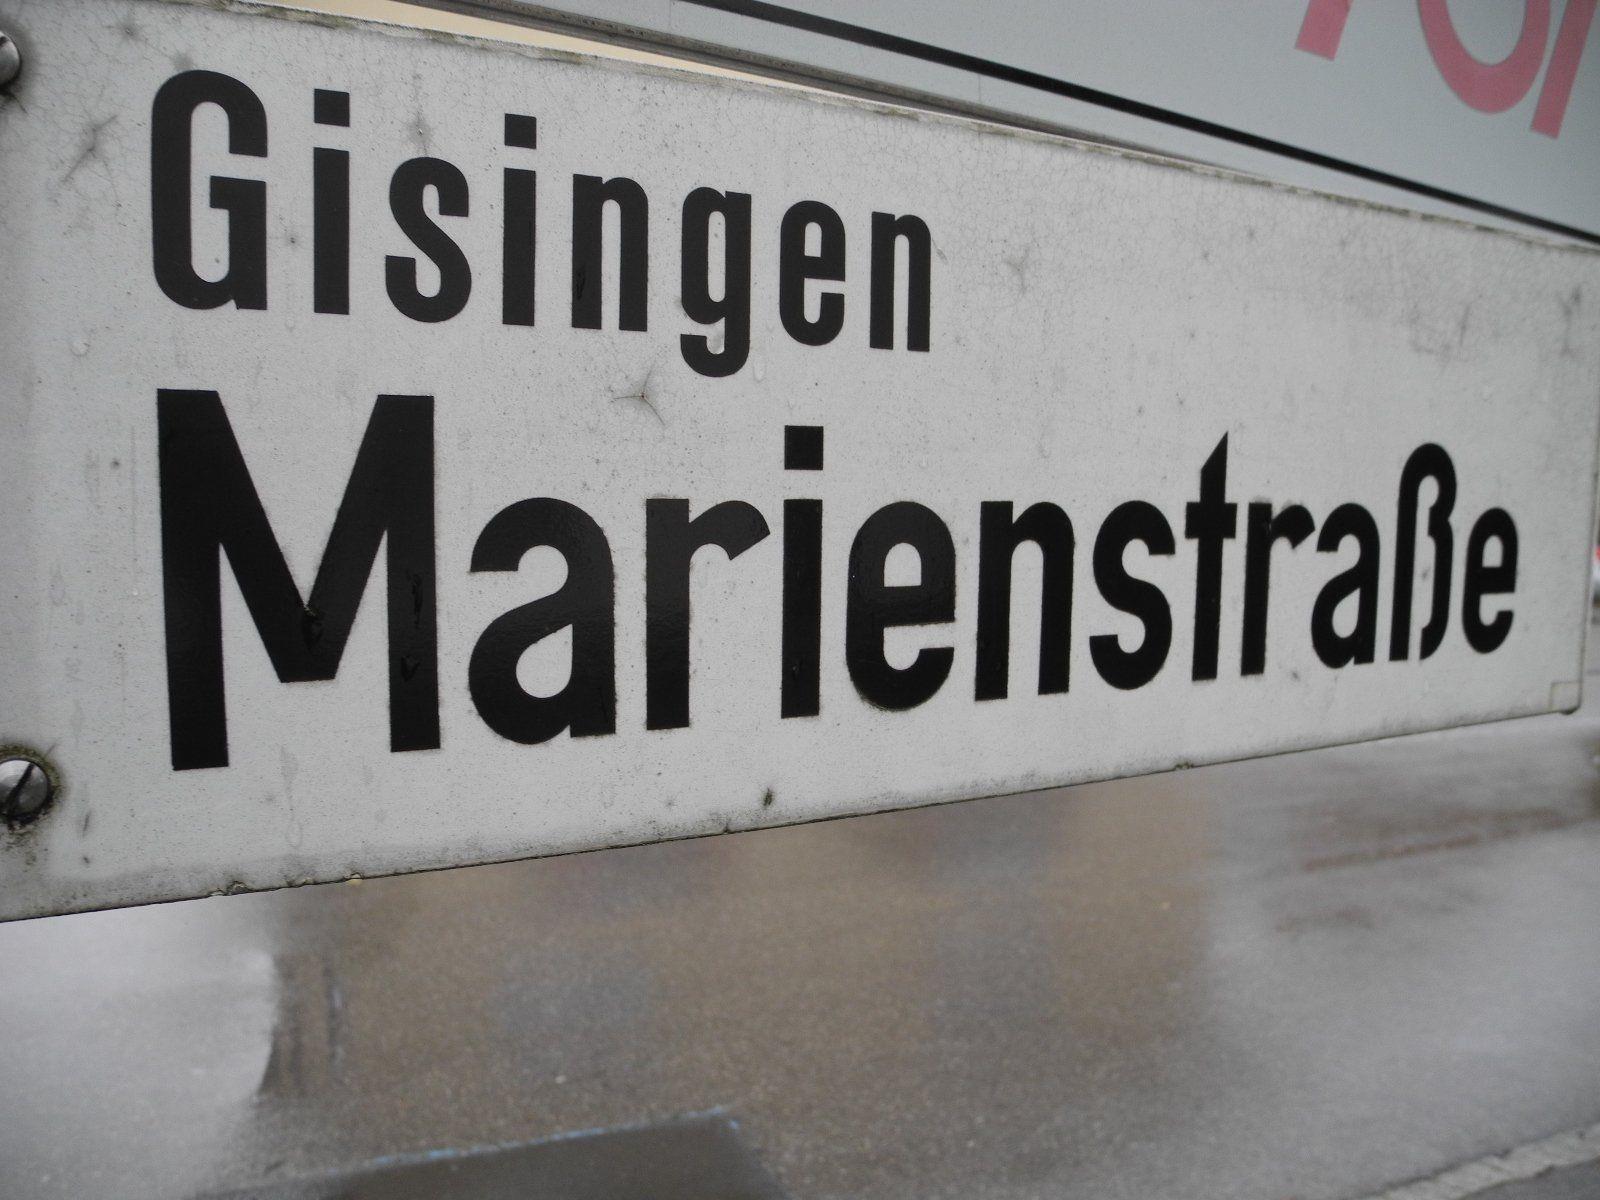 Die Marienstraße hat iren Namen von religiöse Bezeichnung aus vergangenen Tagen.